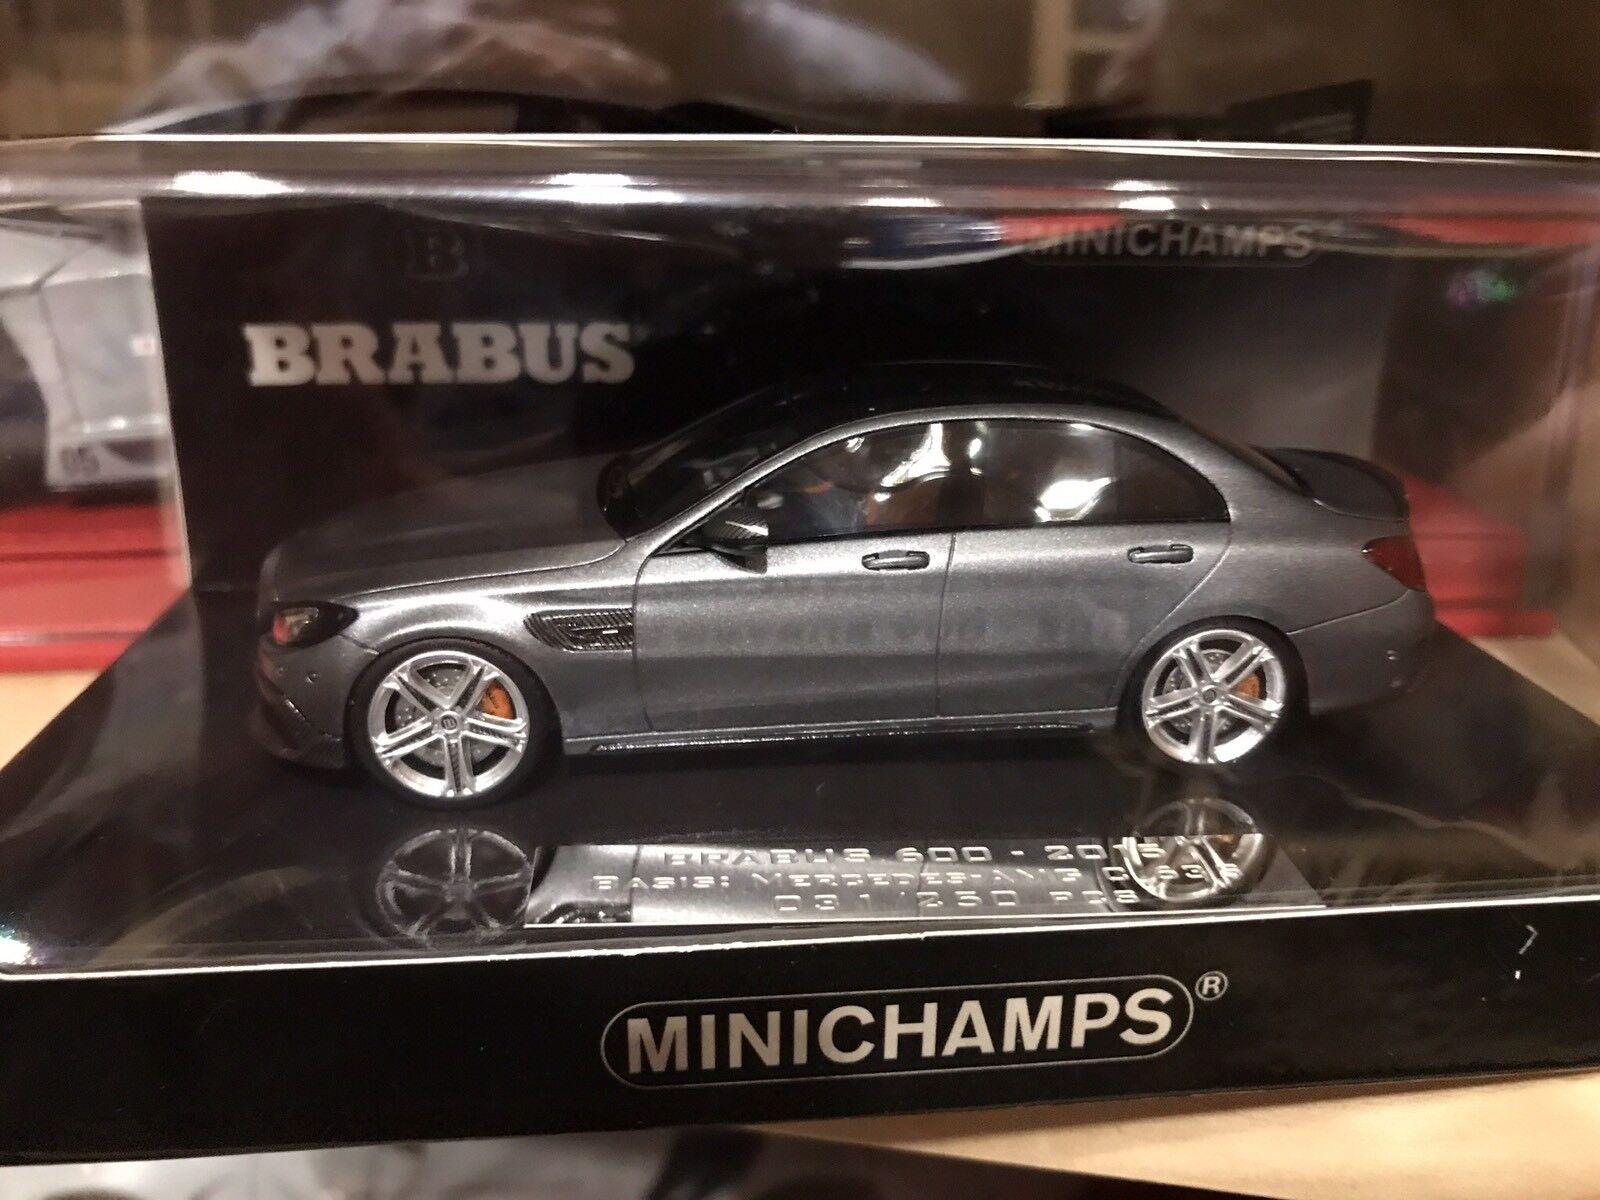 MERCEDES-Benz Brabus 600 AMG c63-Grigio Metallico-Minichamps - 1 43